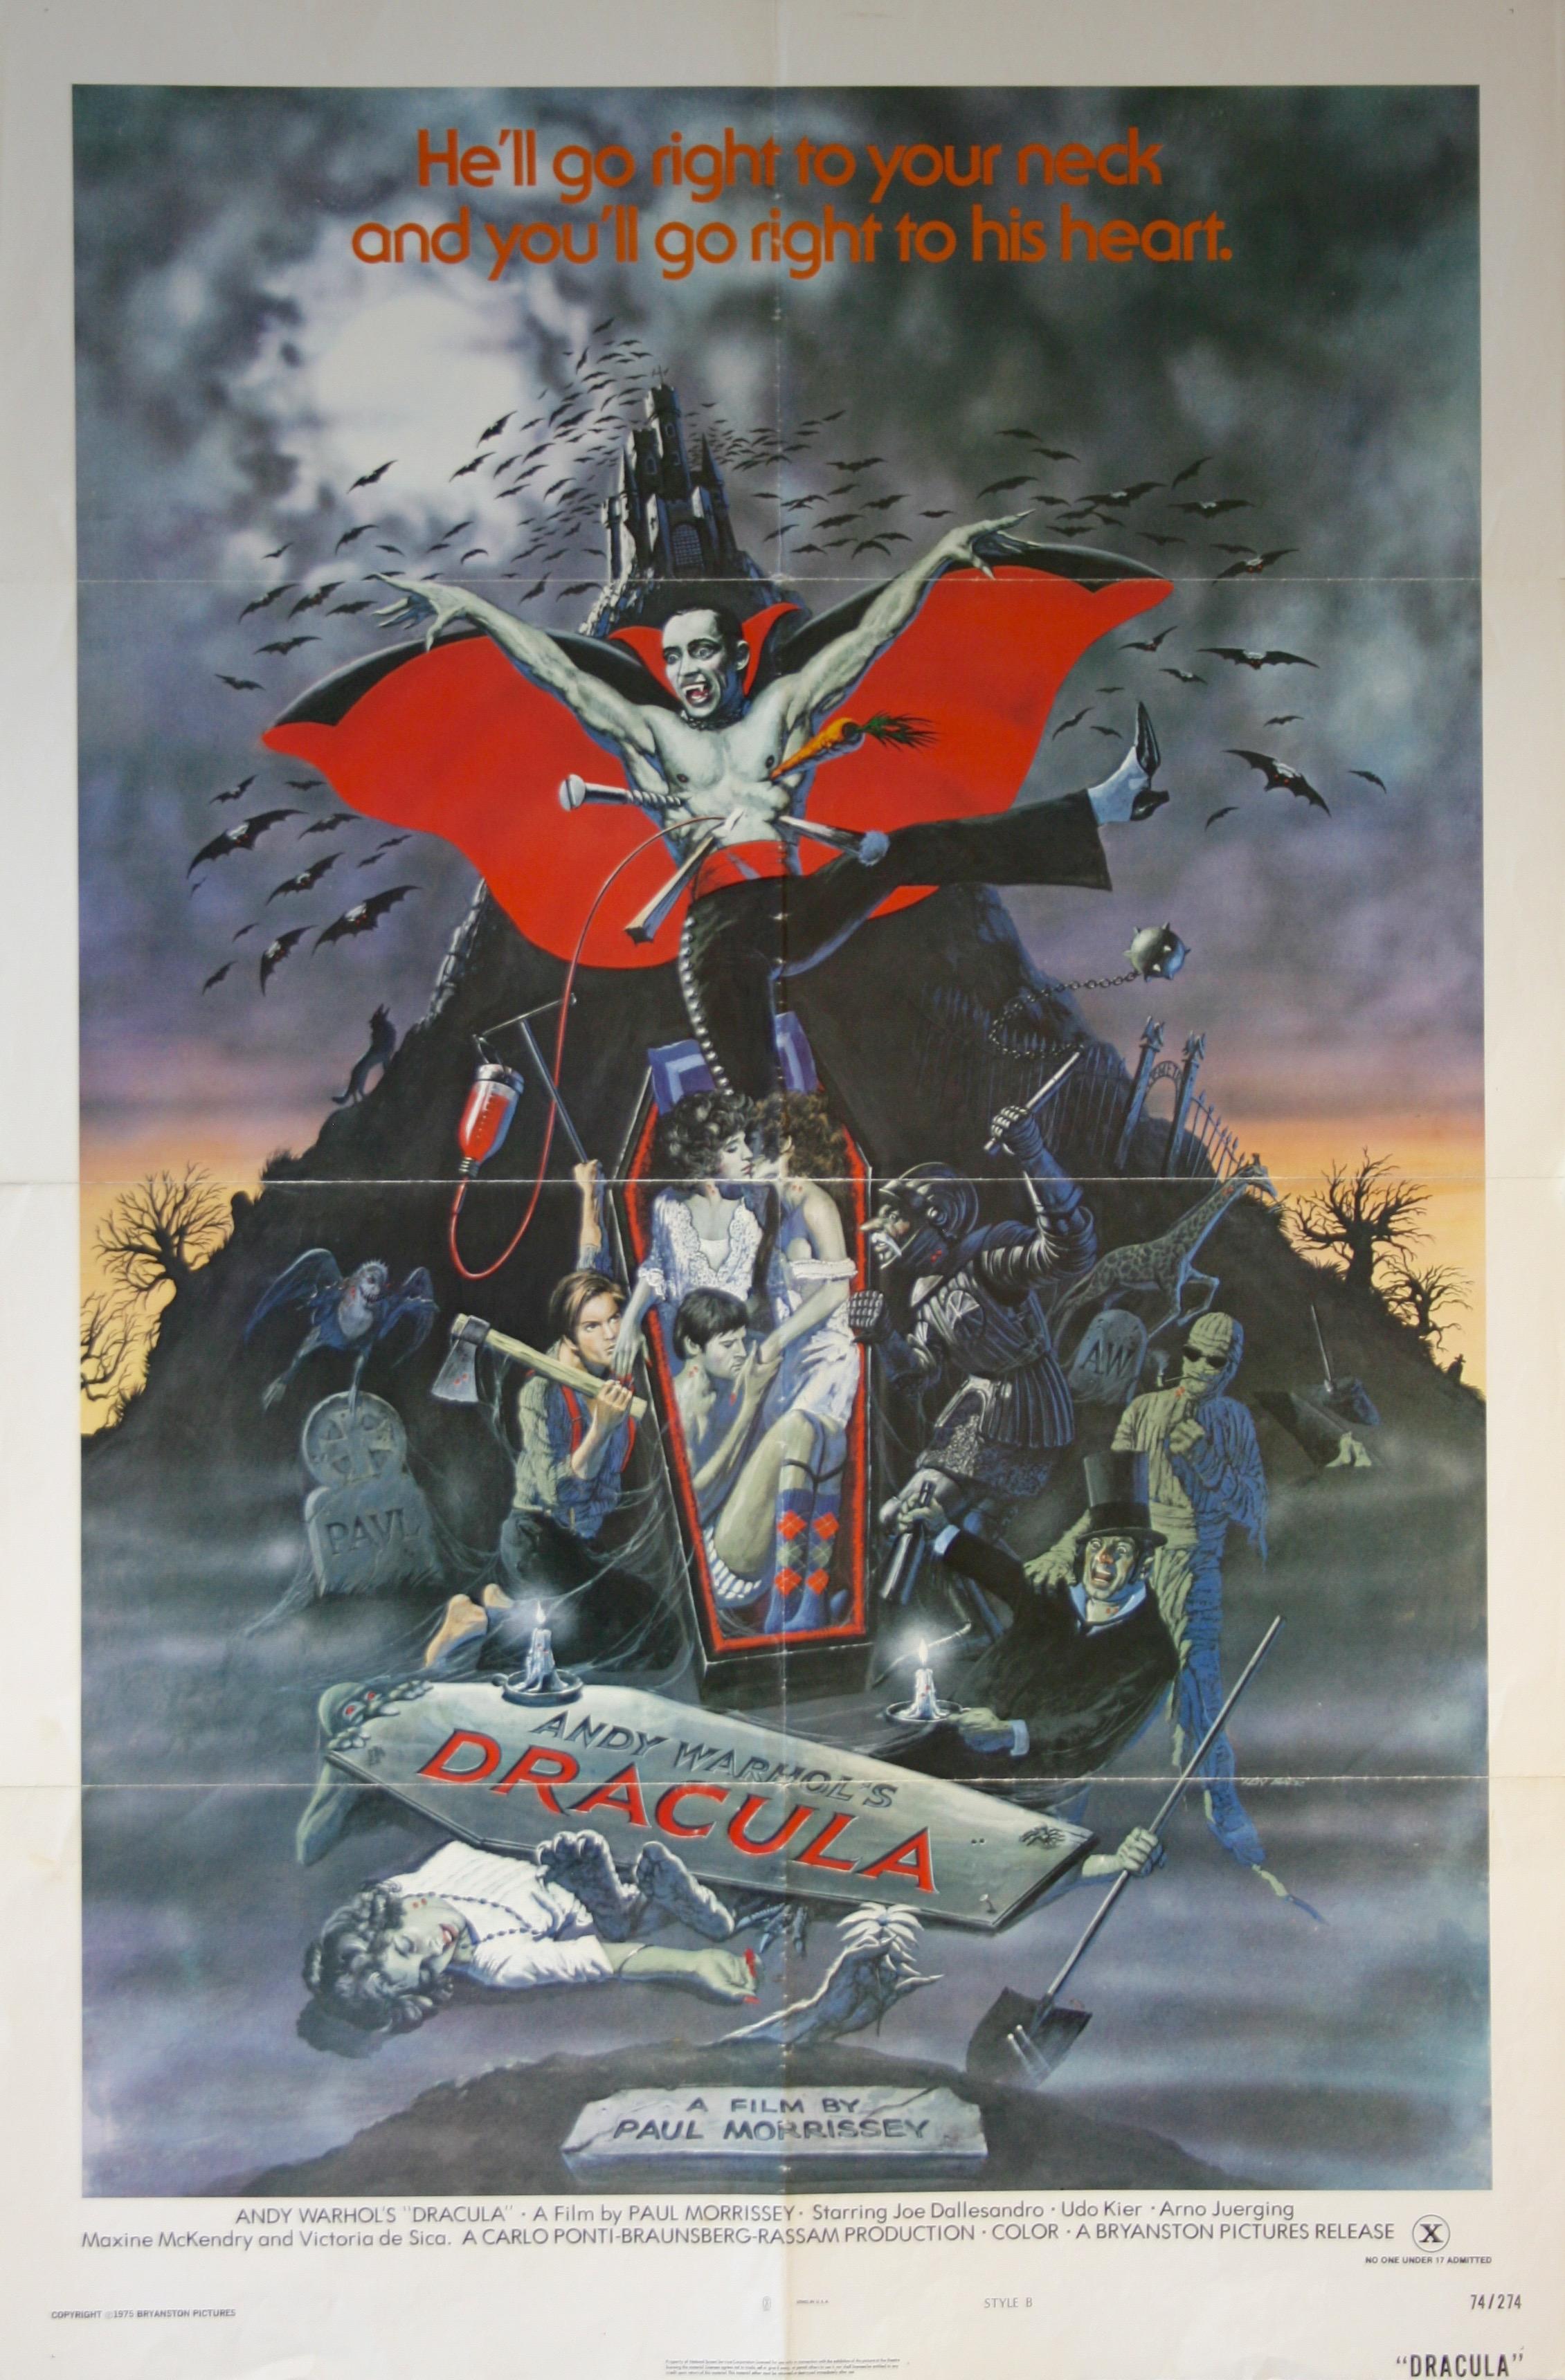 Andy Warhol's Dracula - Vintage Movie Posters